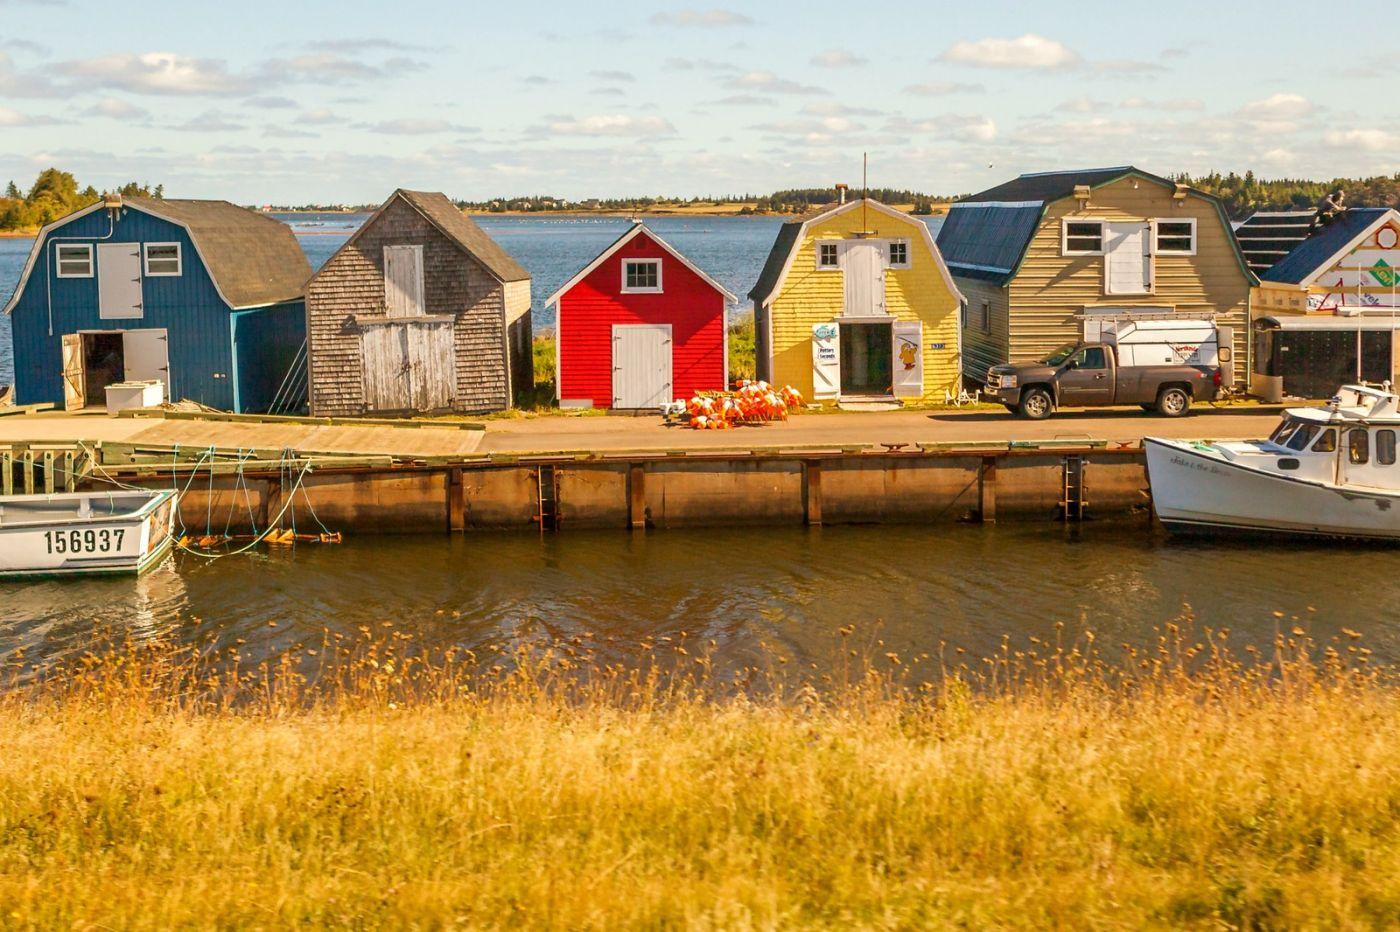 加拿大旅途,乡村的幸福生活_图1-4